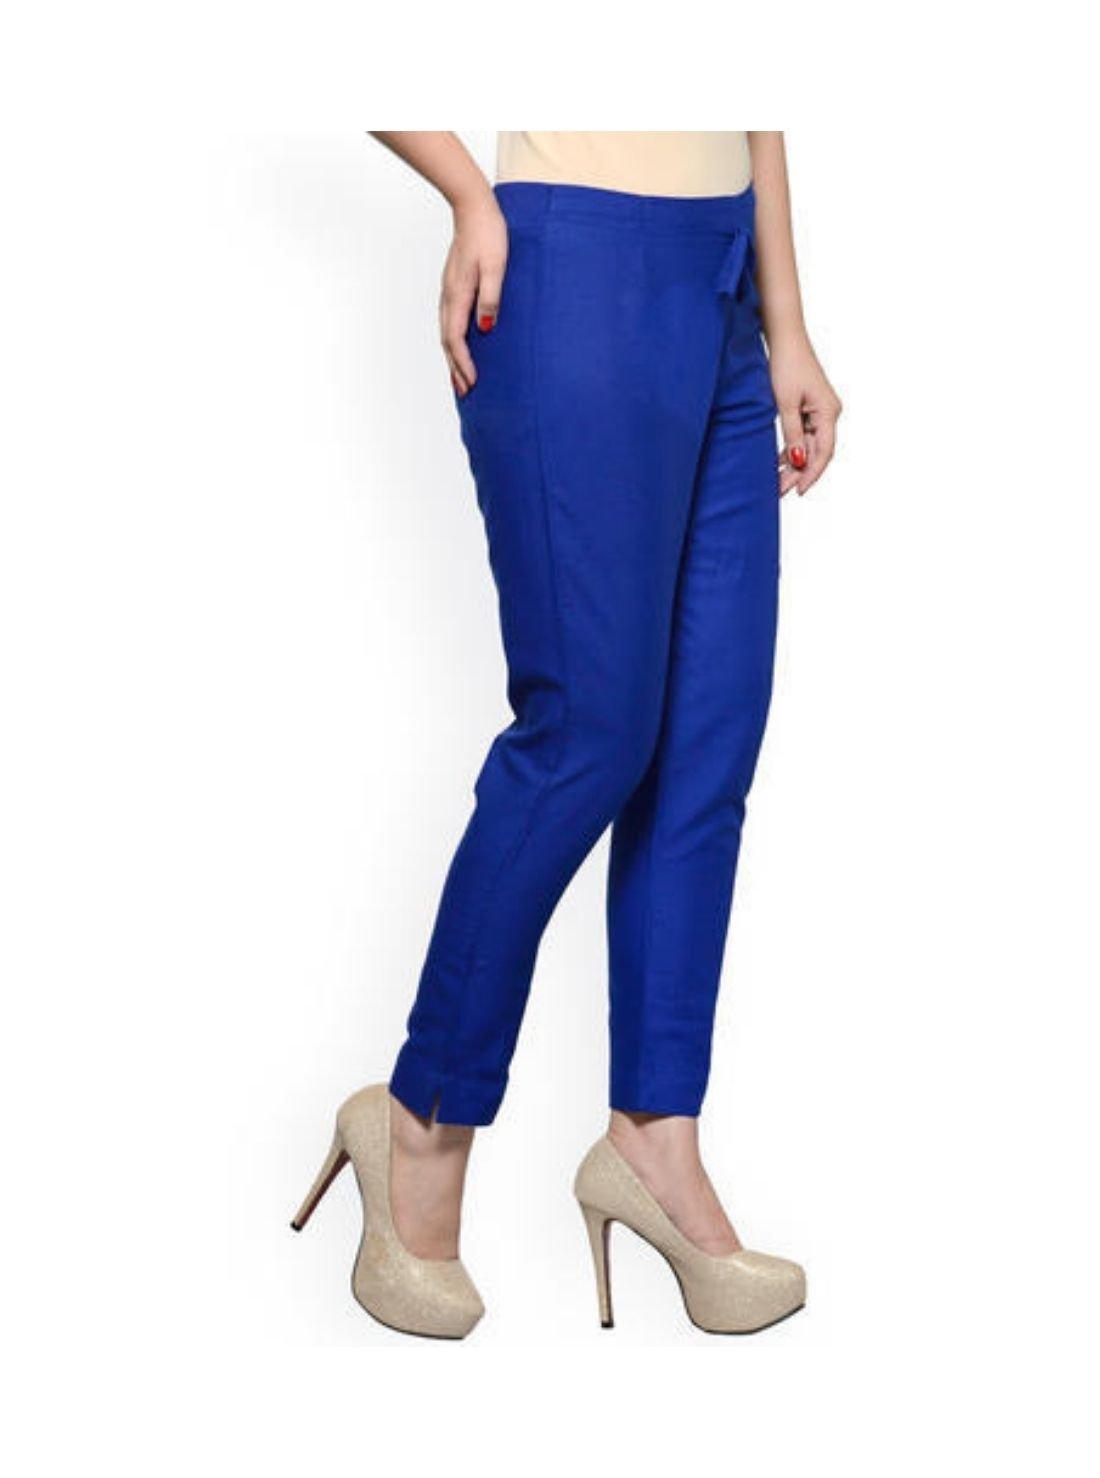 Wholesale Ladies Cotton Pants